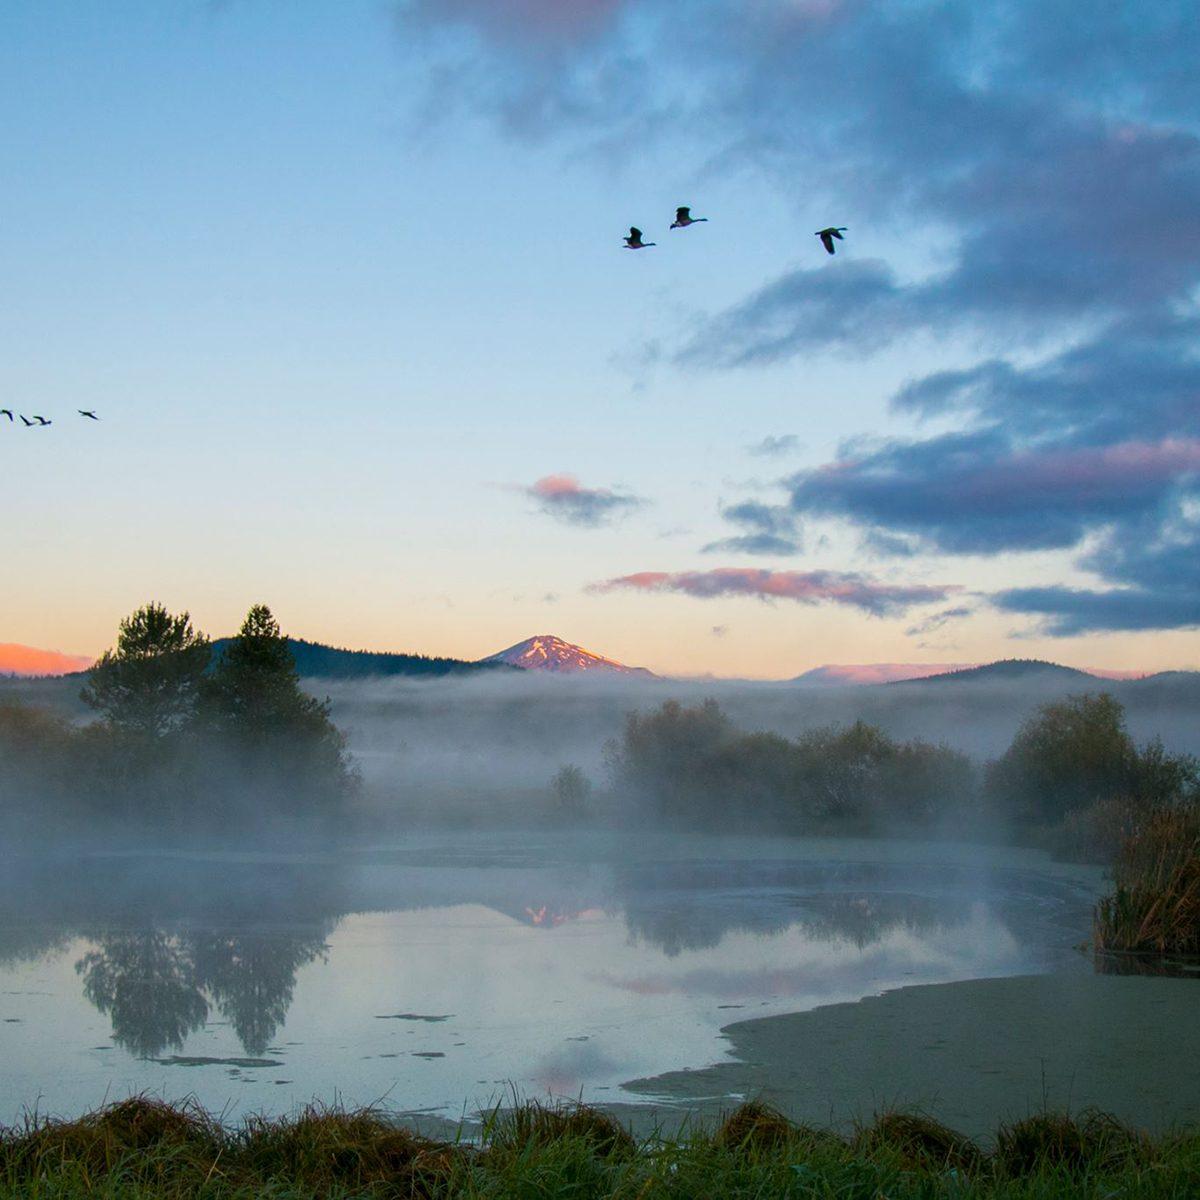 Oregon Sunriver Resort